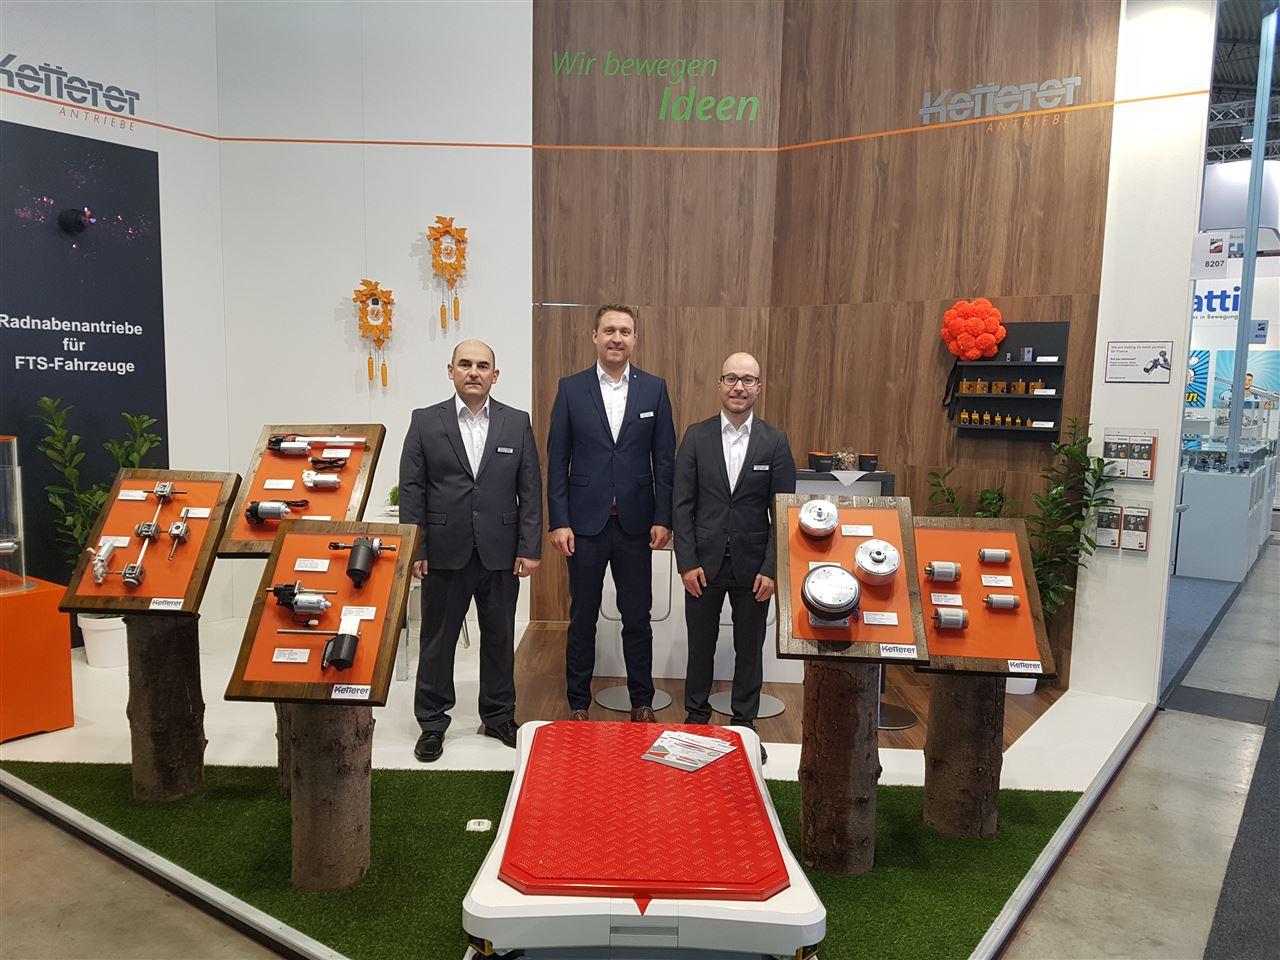 B. Ketterer Söhne GmbH & Co. KG